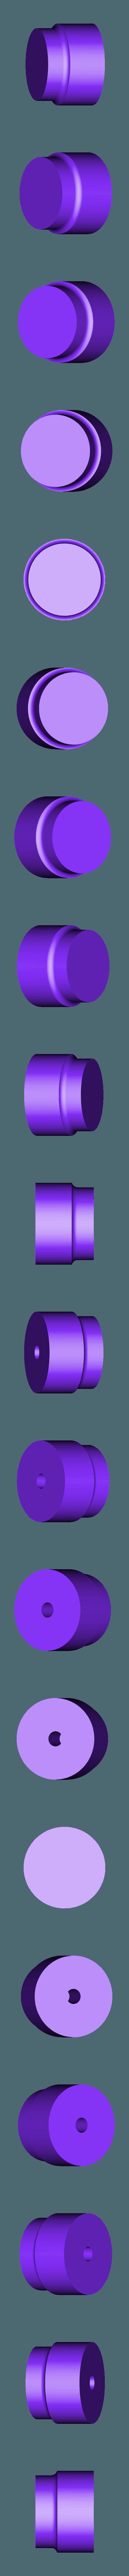 300x300x350 - Silver - Grip End (Final Fantasy 7 - PS4 remake).stl Download STL file Final Fantasy VII - Buster Sword - Bracelet - Shoulder pad  • 3D print model, 3Dutchie